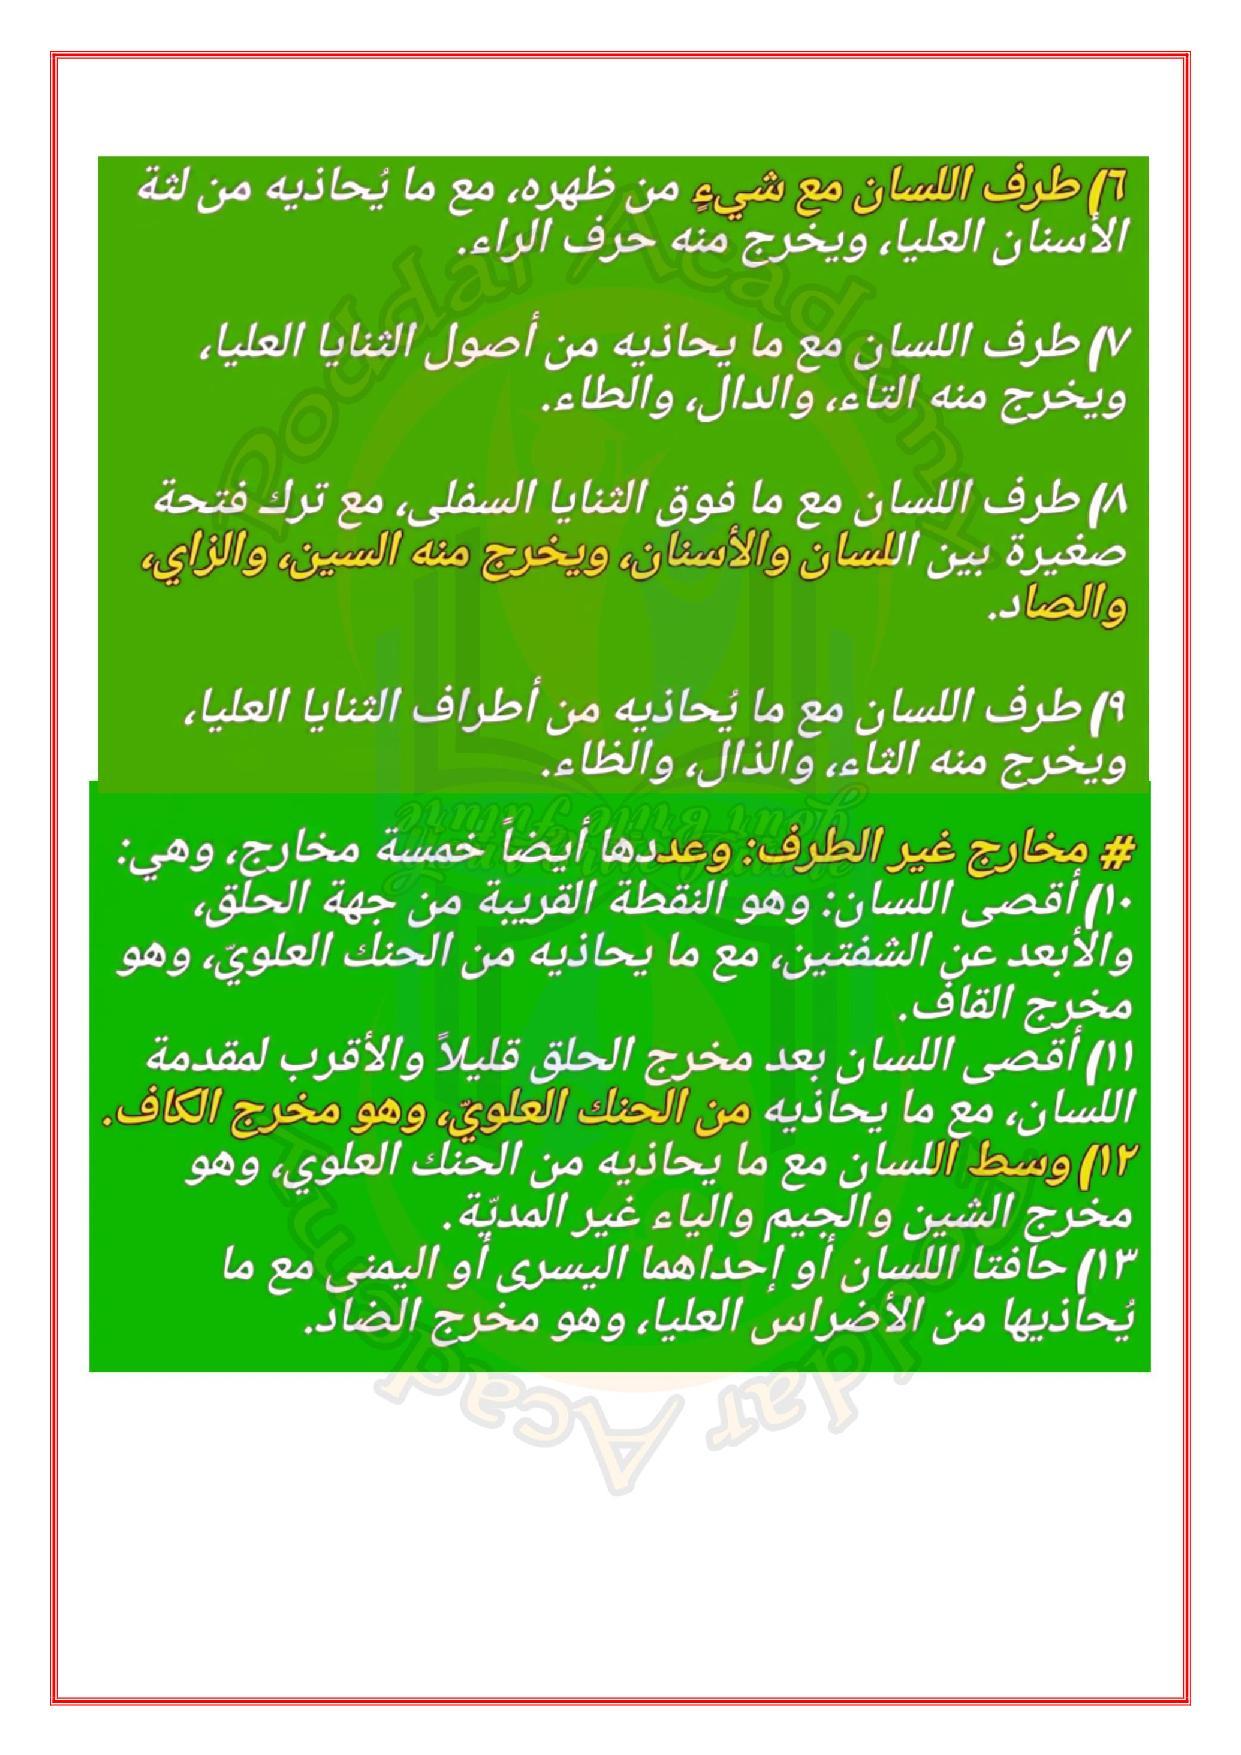 কুরআন মাজিদ বিশুদ্ধ তেলাওয়াত ও যথার্থ আরবি উচ্চারণে মাখারেজে হুরুফের গুরত্ব https://www.banglanewsexpress.com/